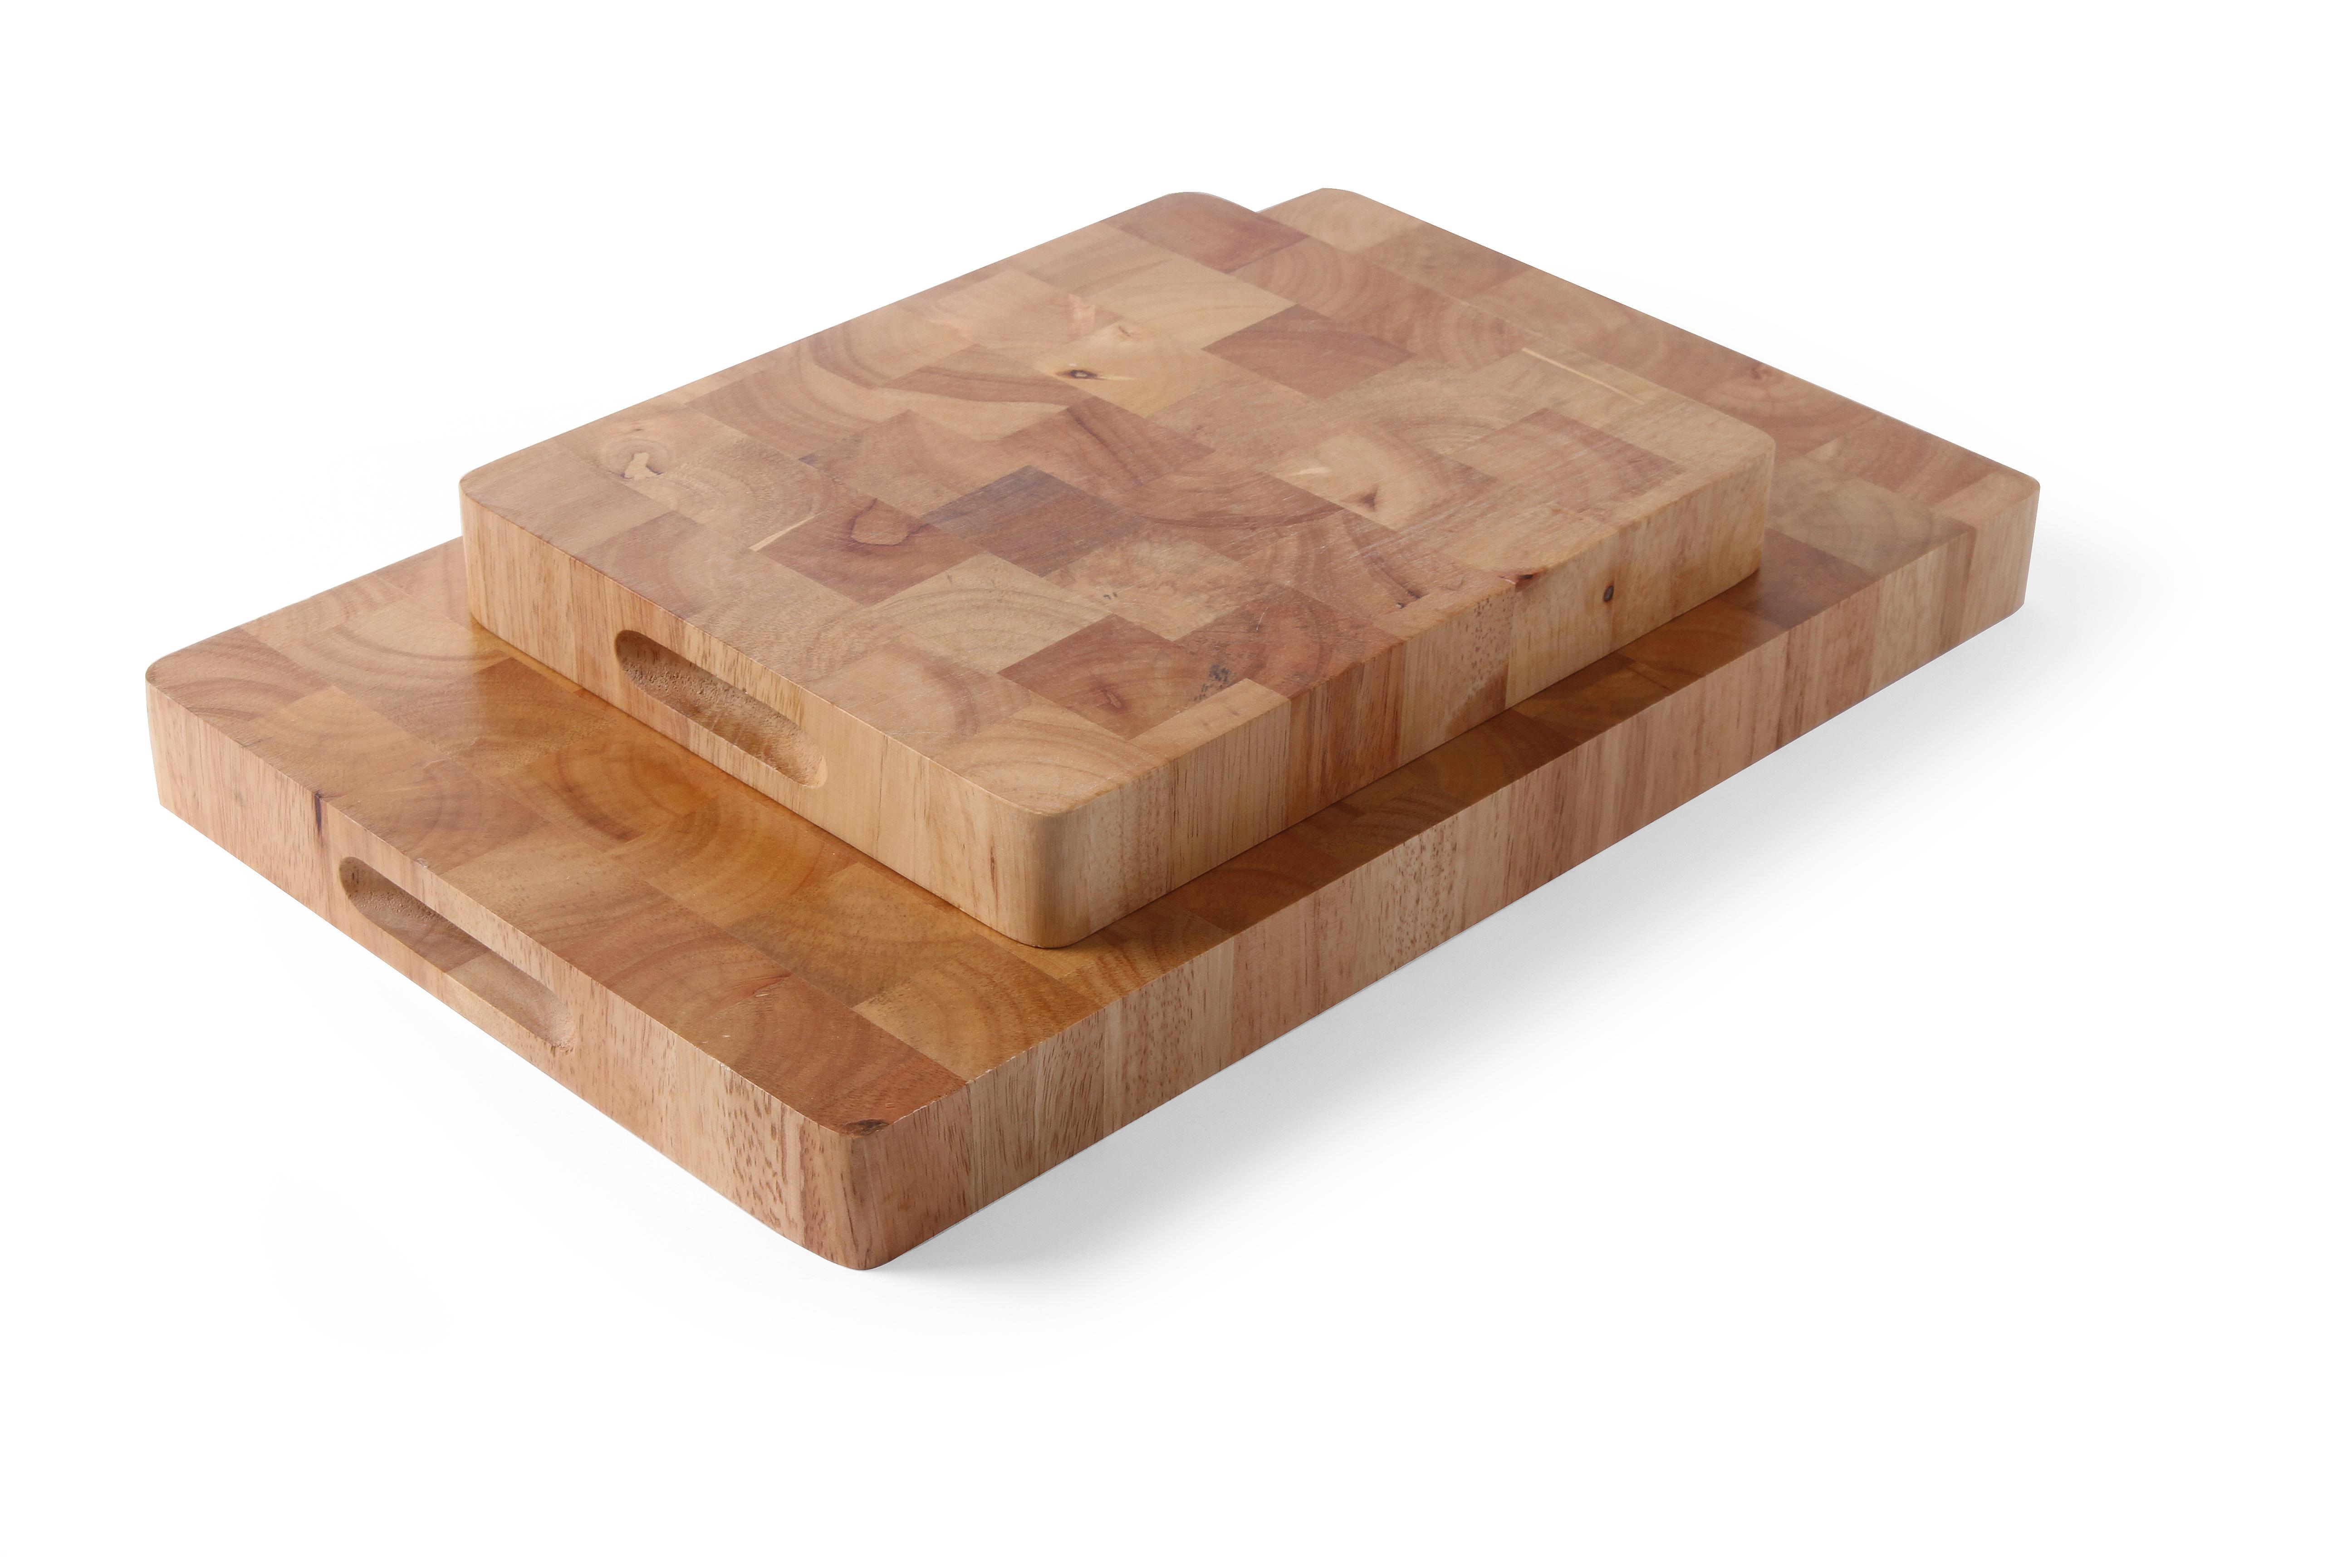 Hendi, Kuchyňská krájecí deska s úchyty 265x325x45mm kaučukovník